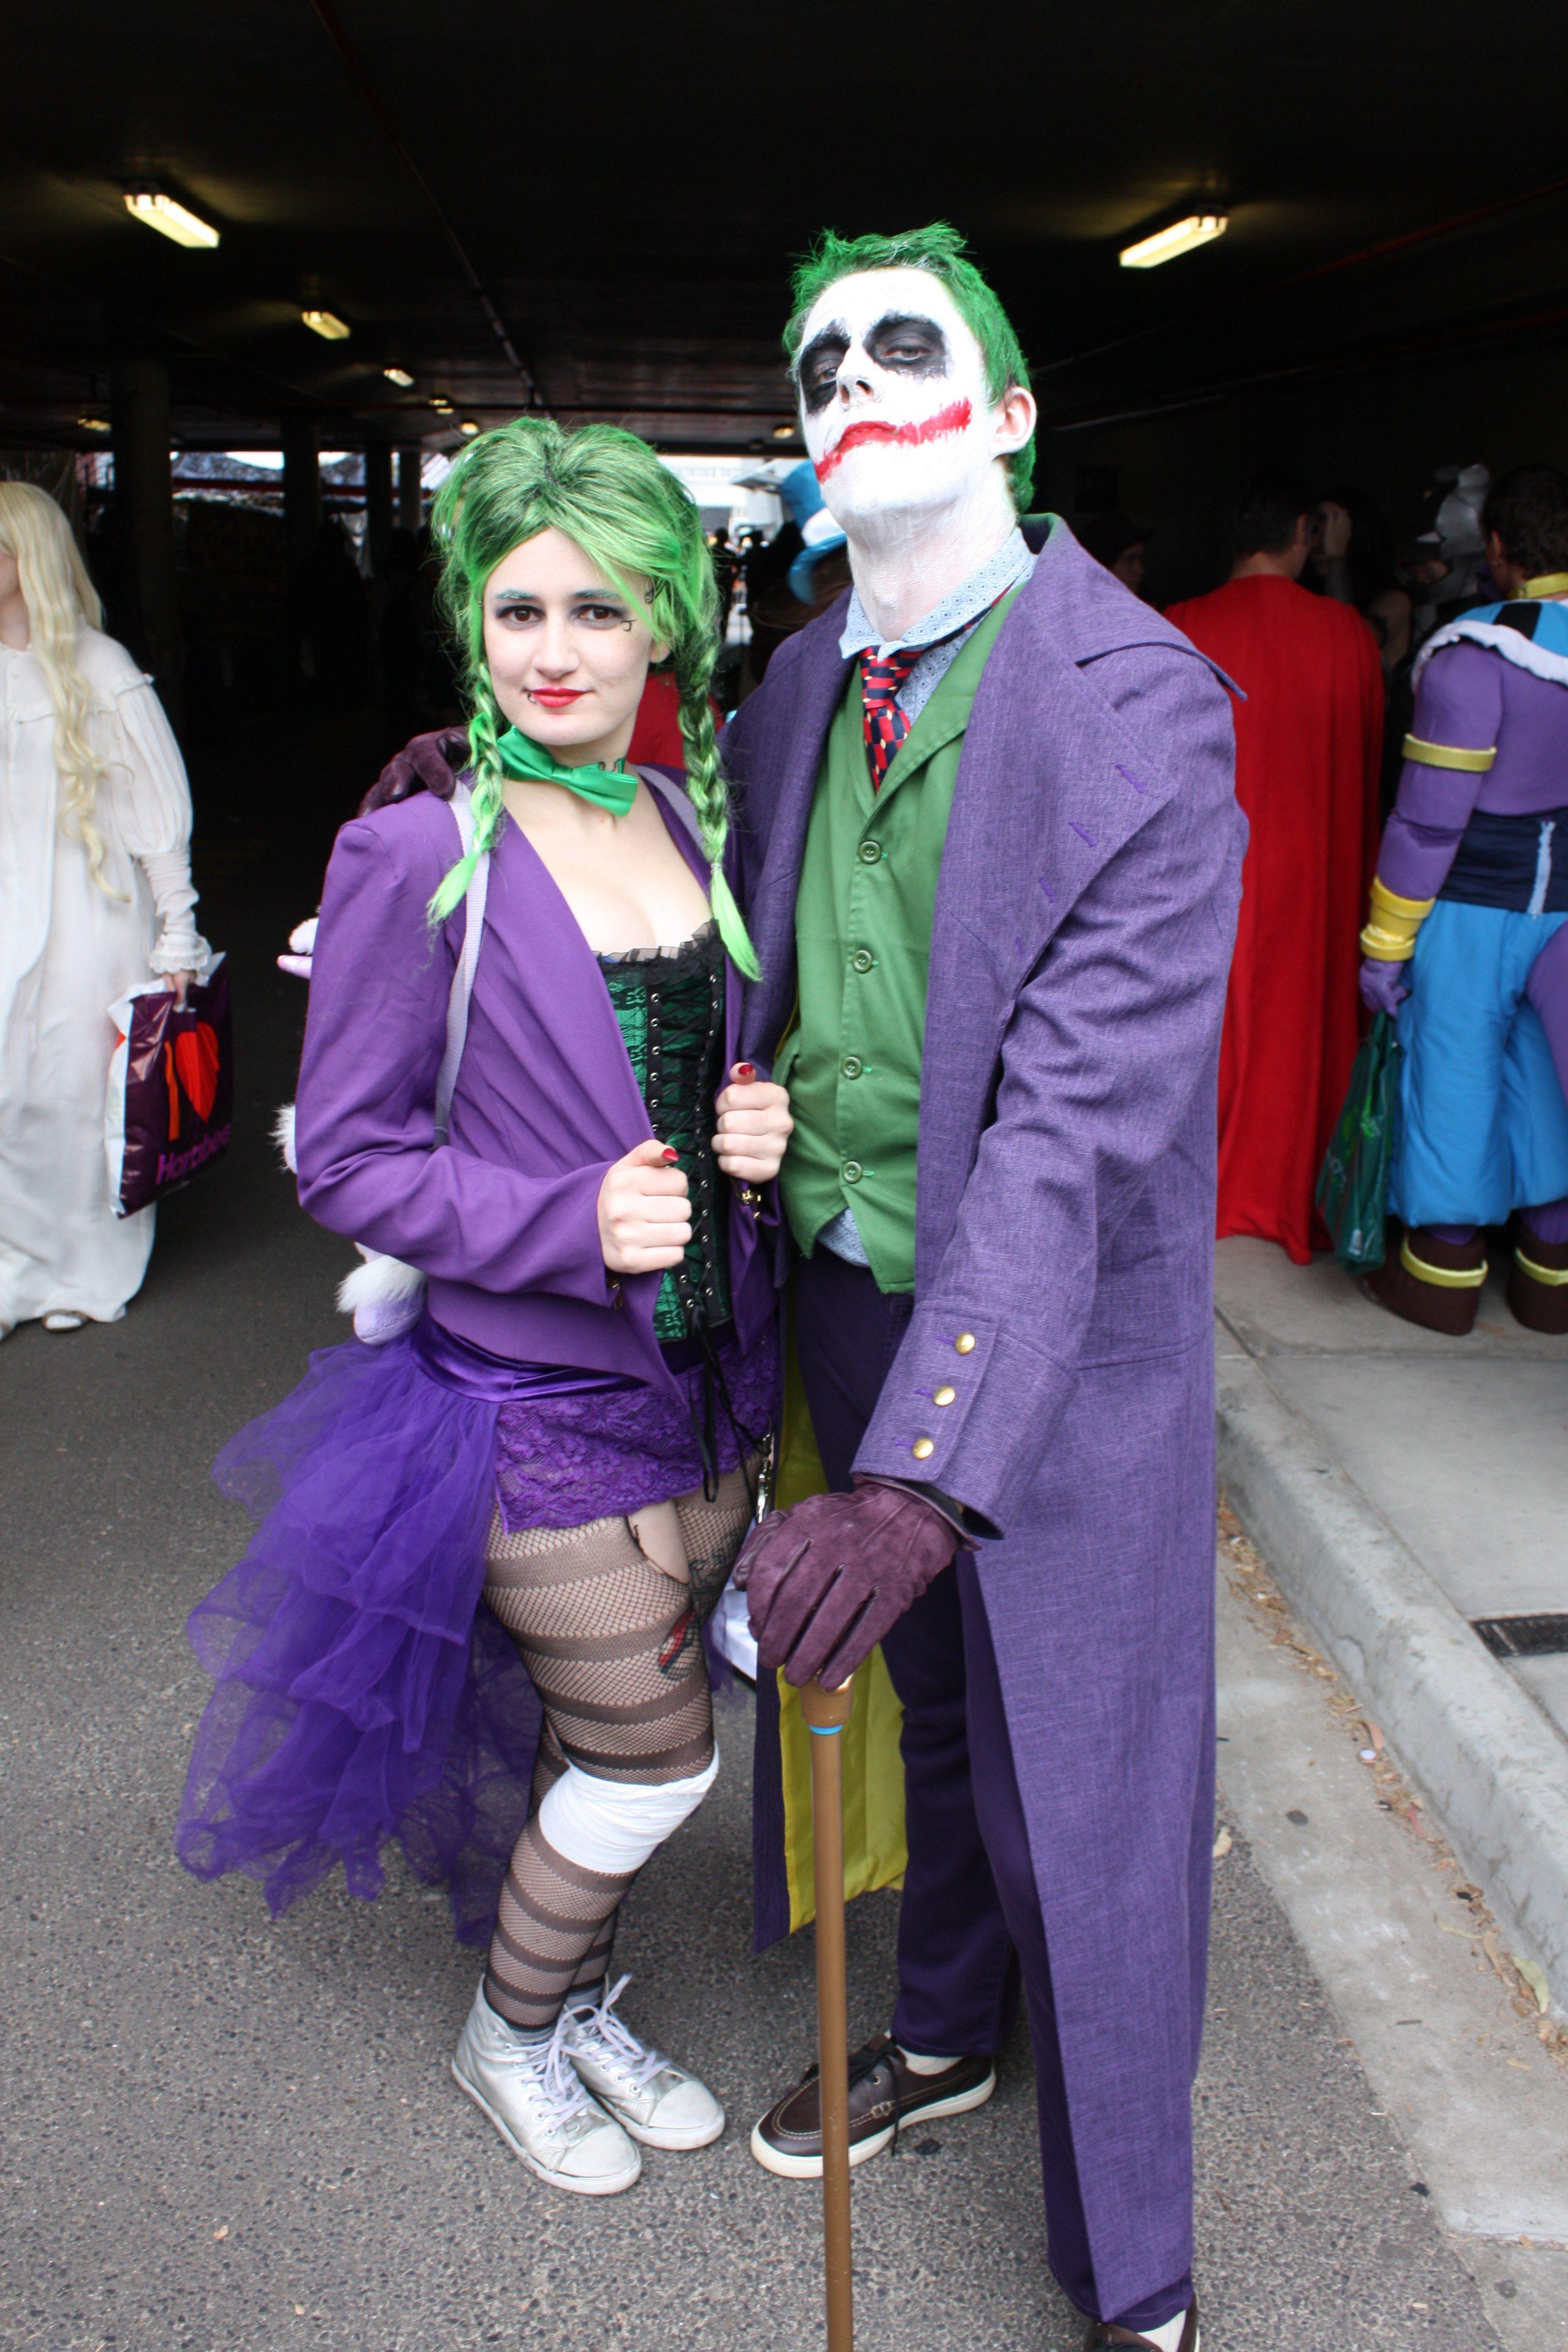 Cosplay Joker Style!